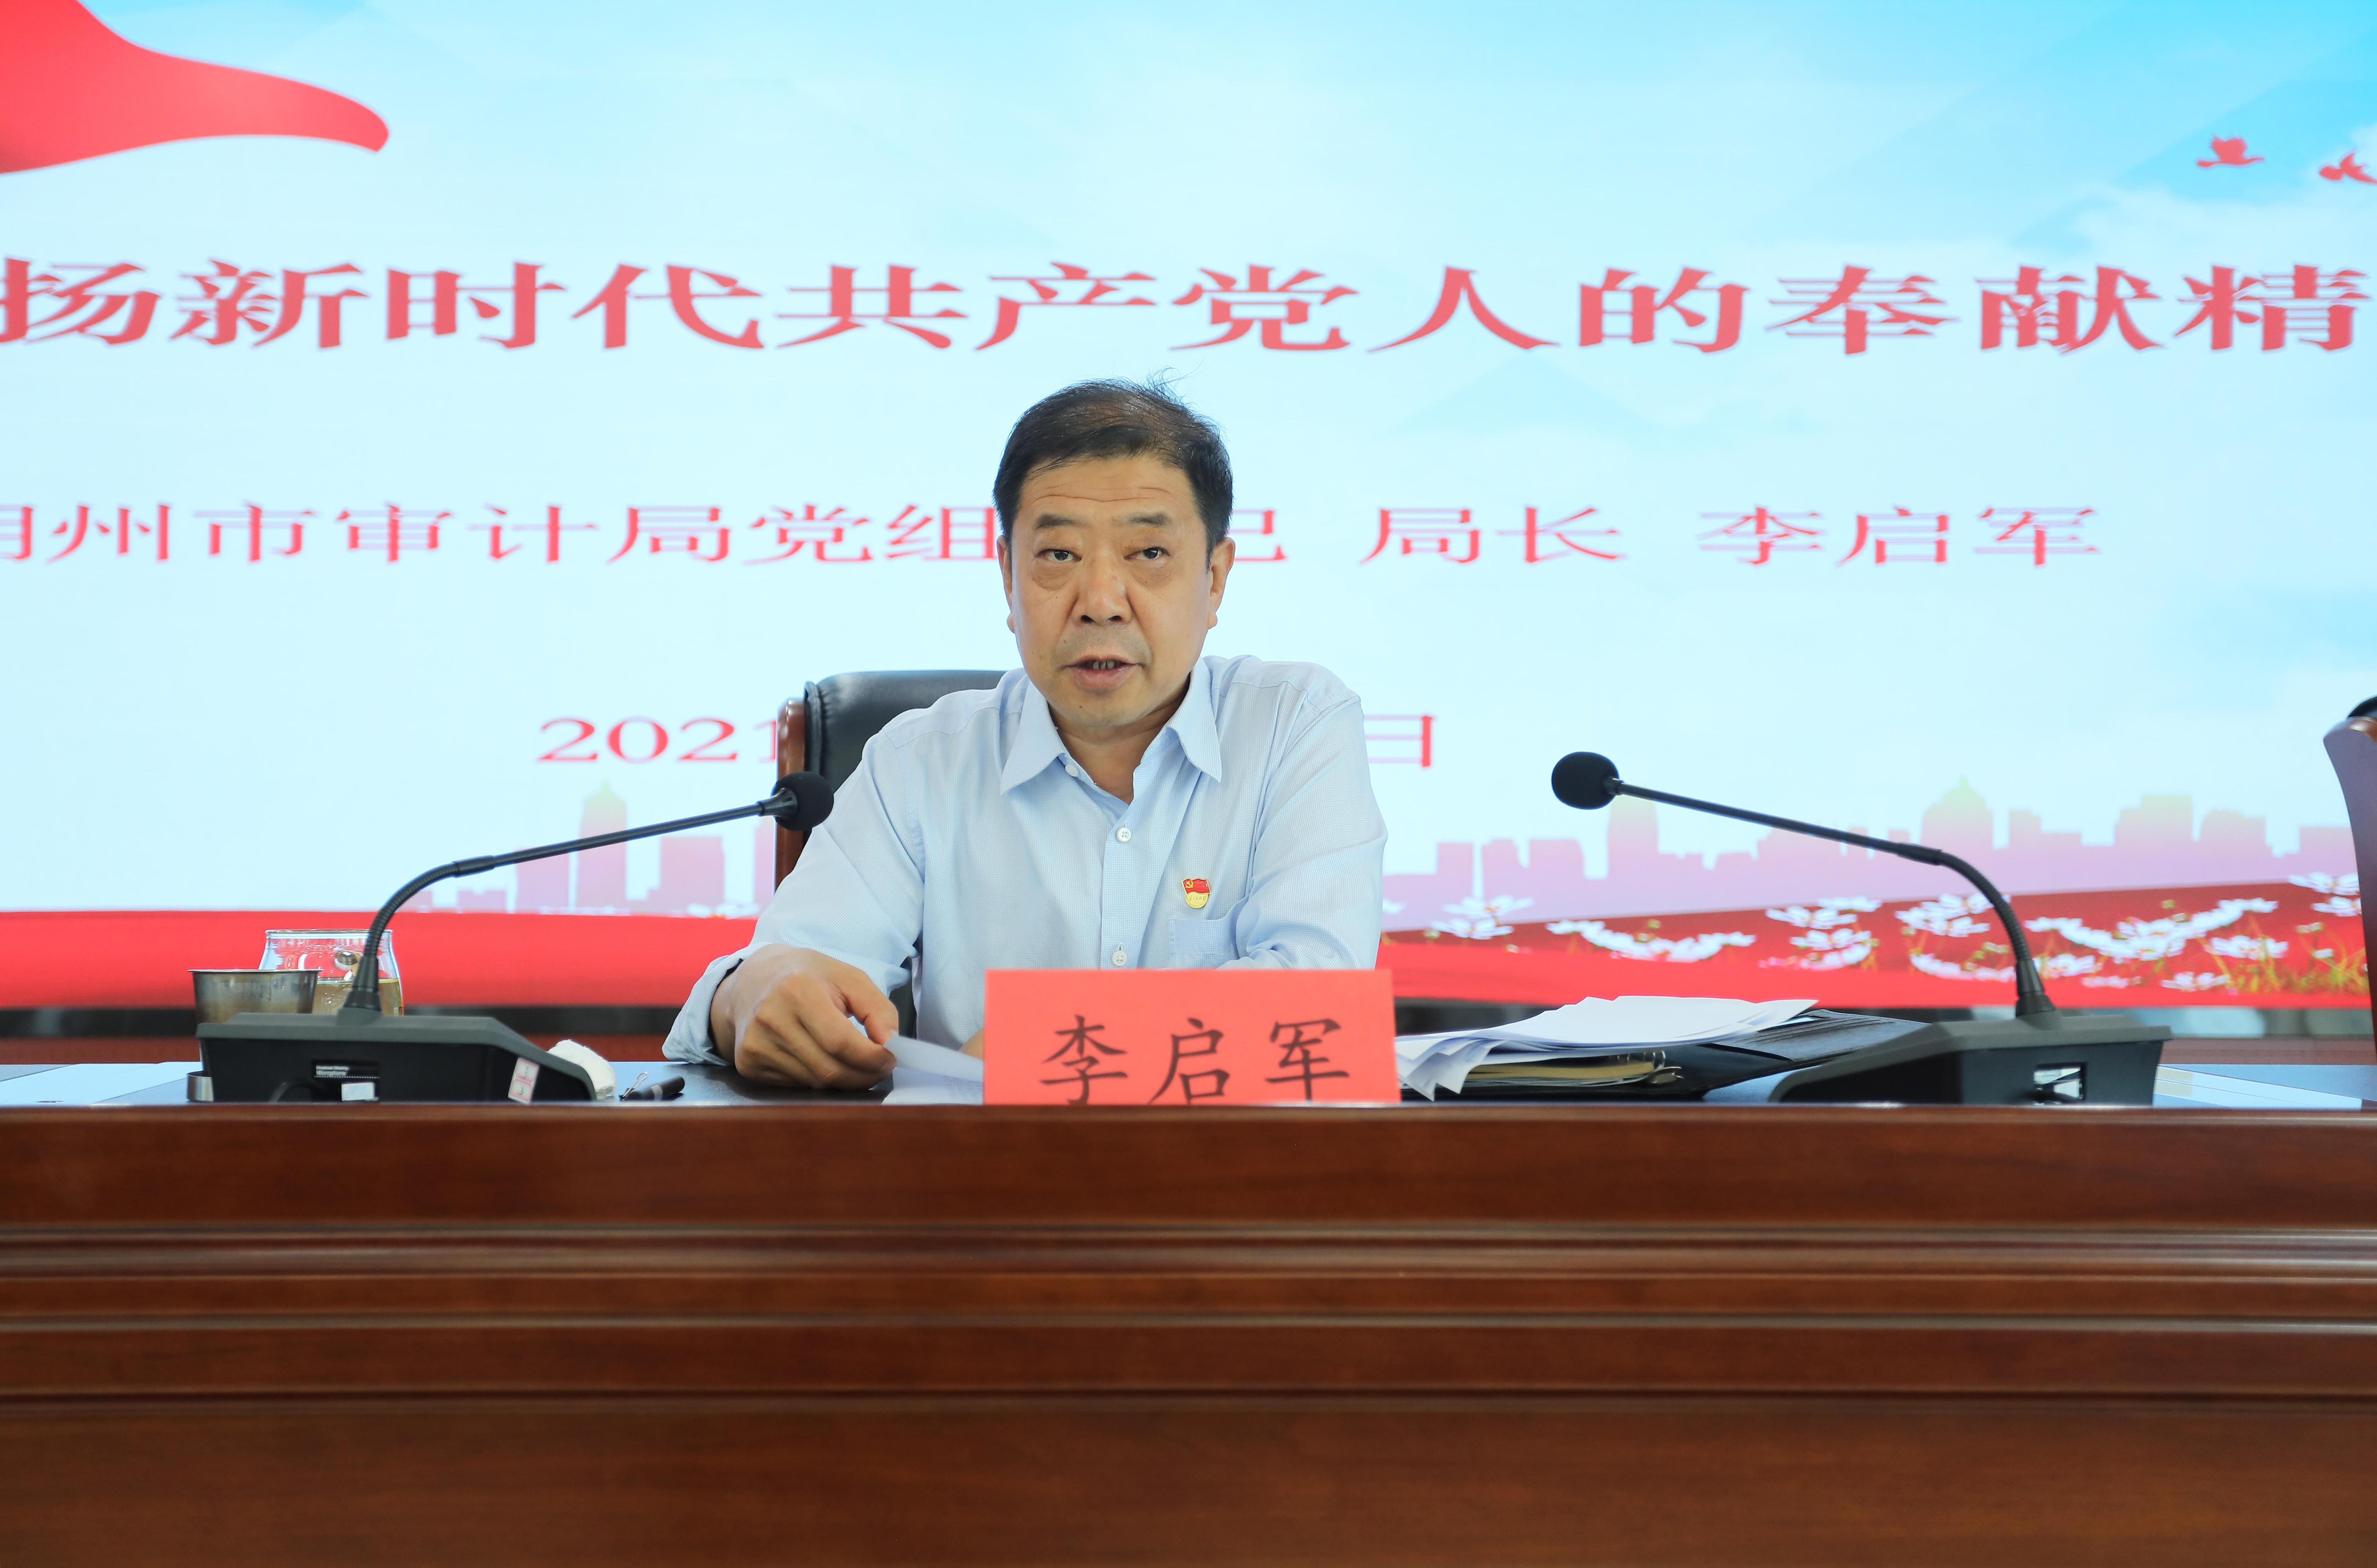 朔州市审计局党组书记、局长李启军为全市审计干部讲党课